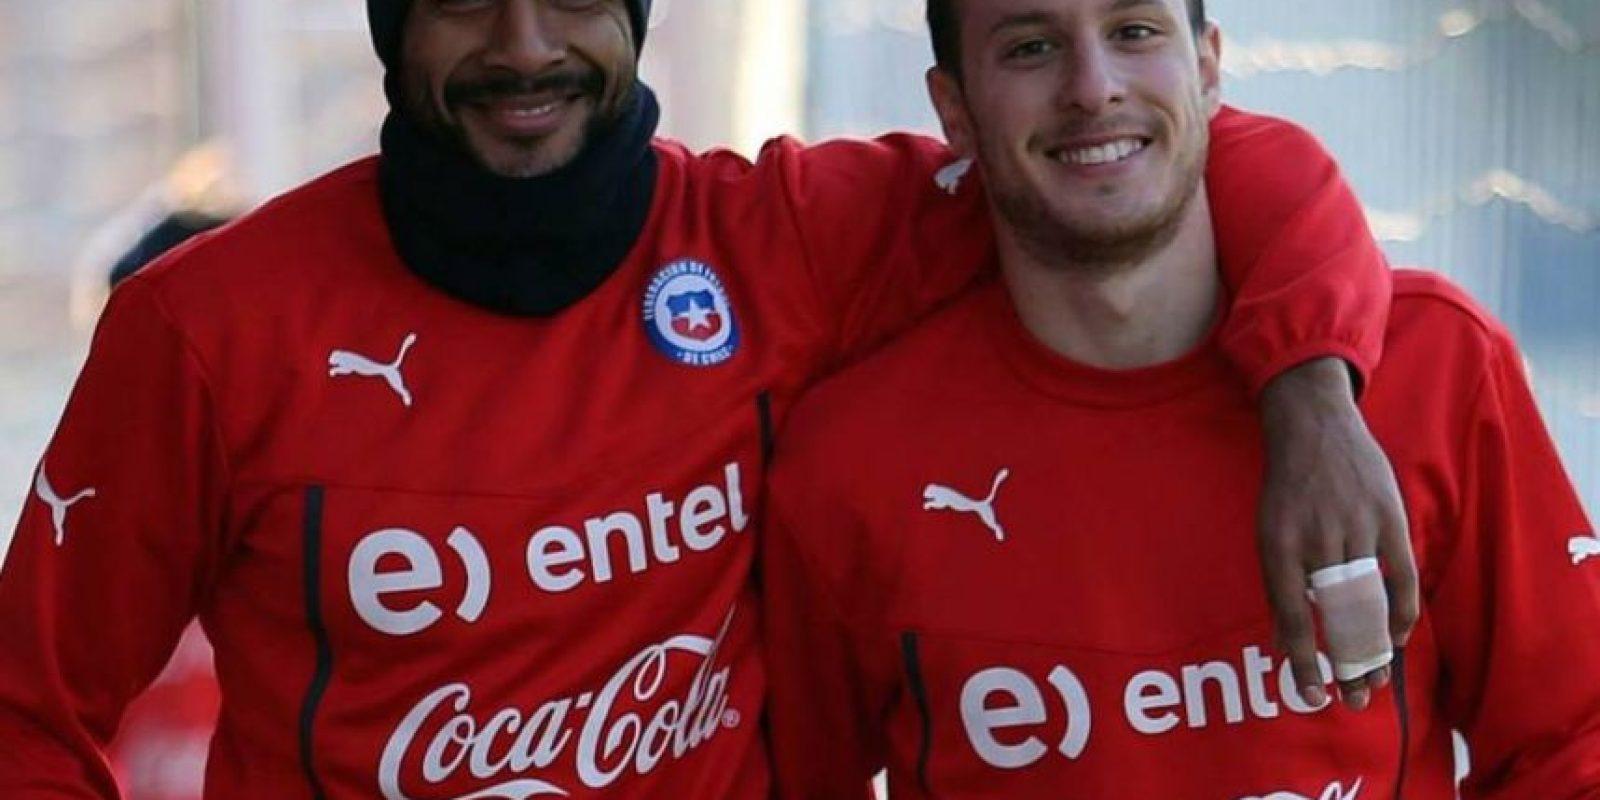 Este lindo delantero chileno sólo tiene 21 años. Foto:Vía facebook.com/SeleccionChilena